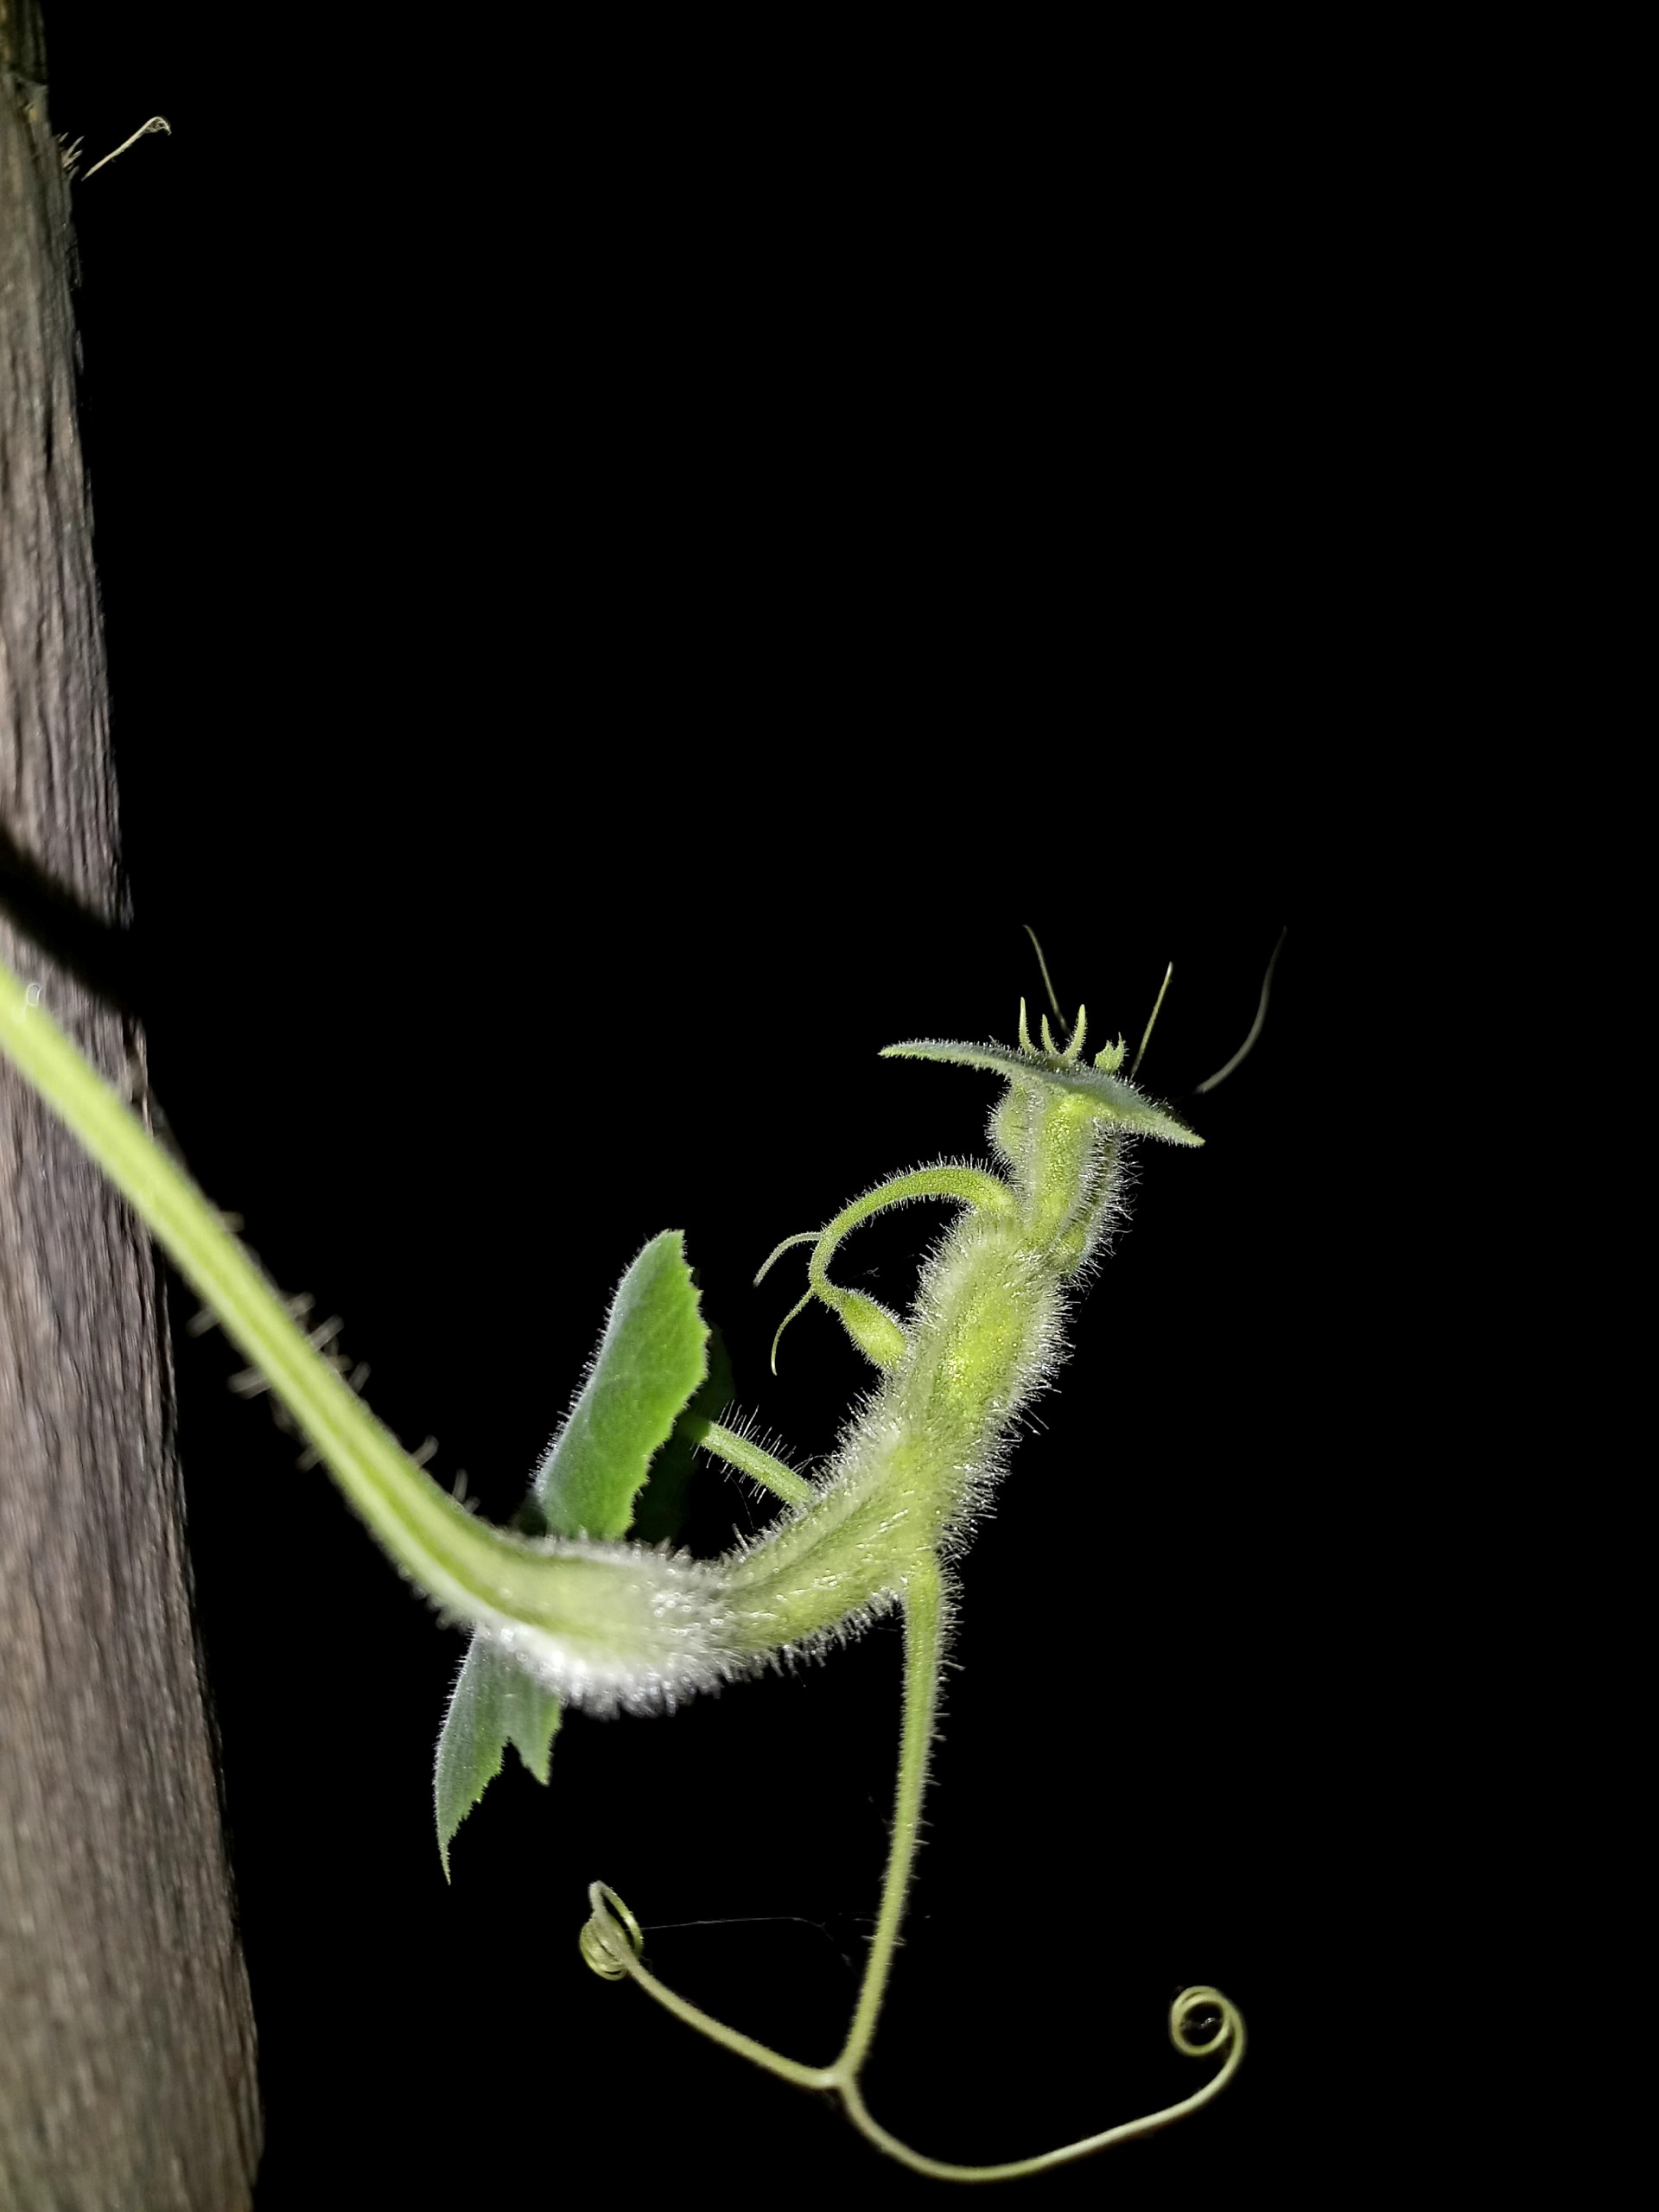 Green Leaf at Night